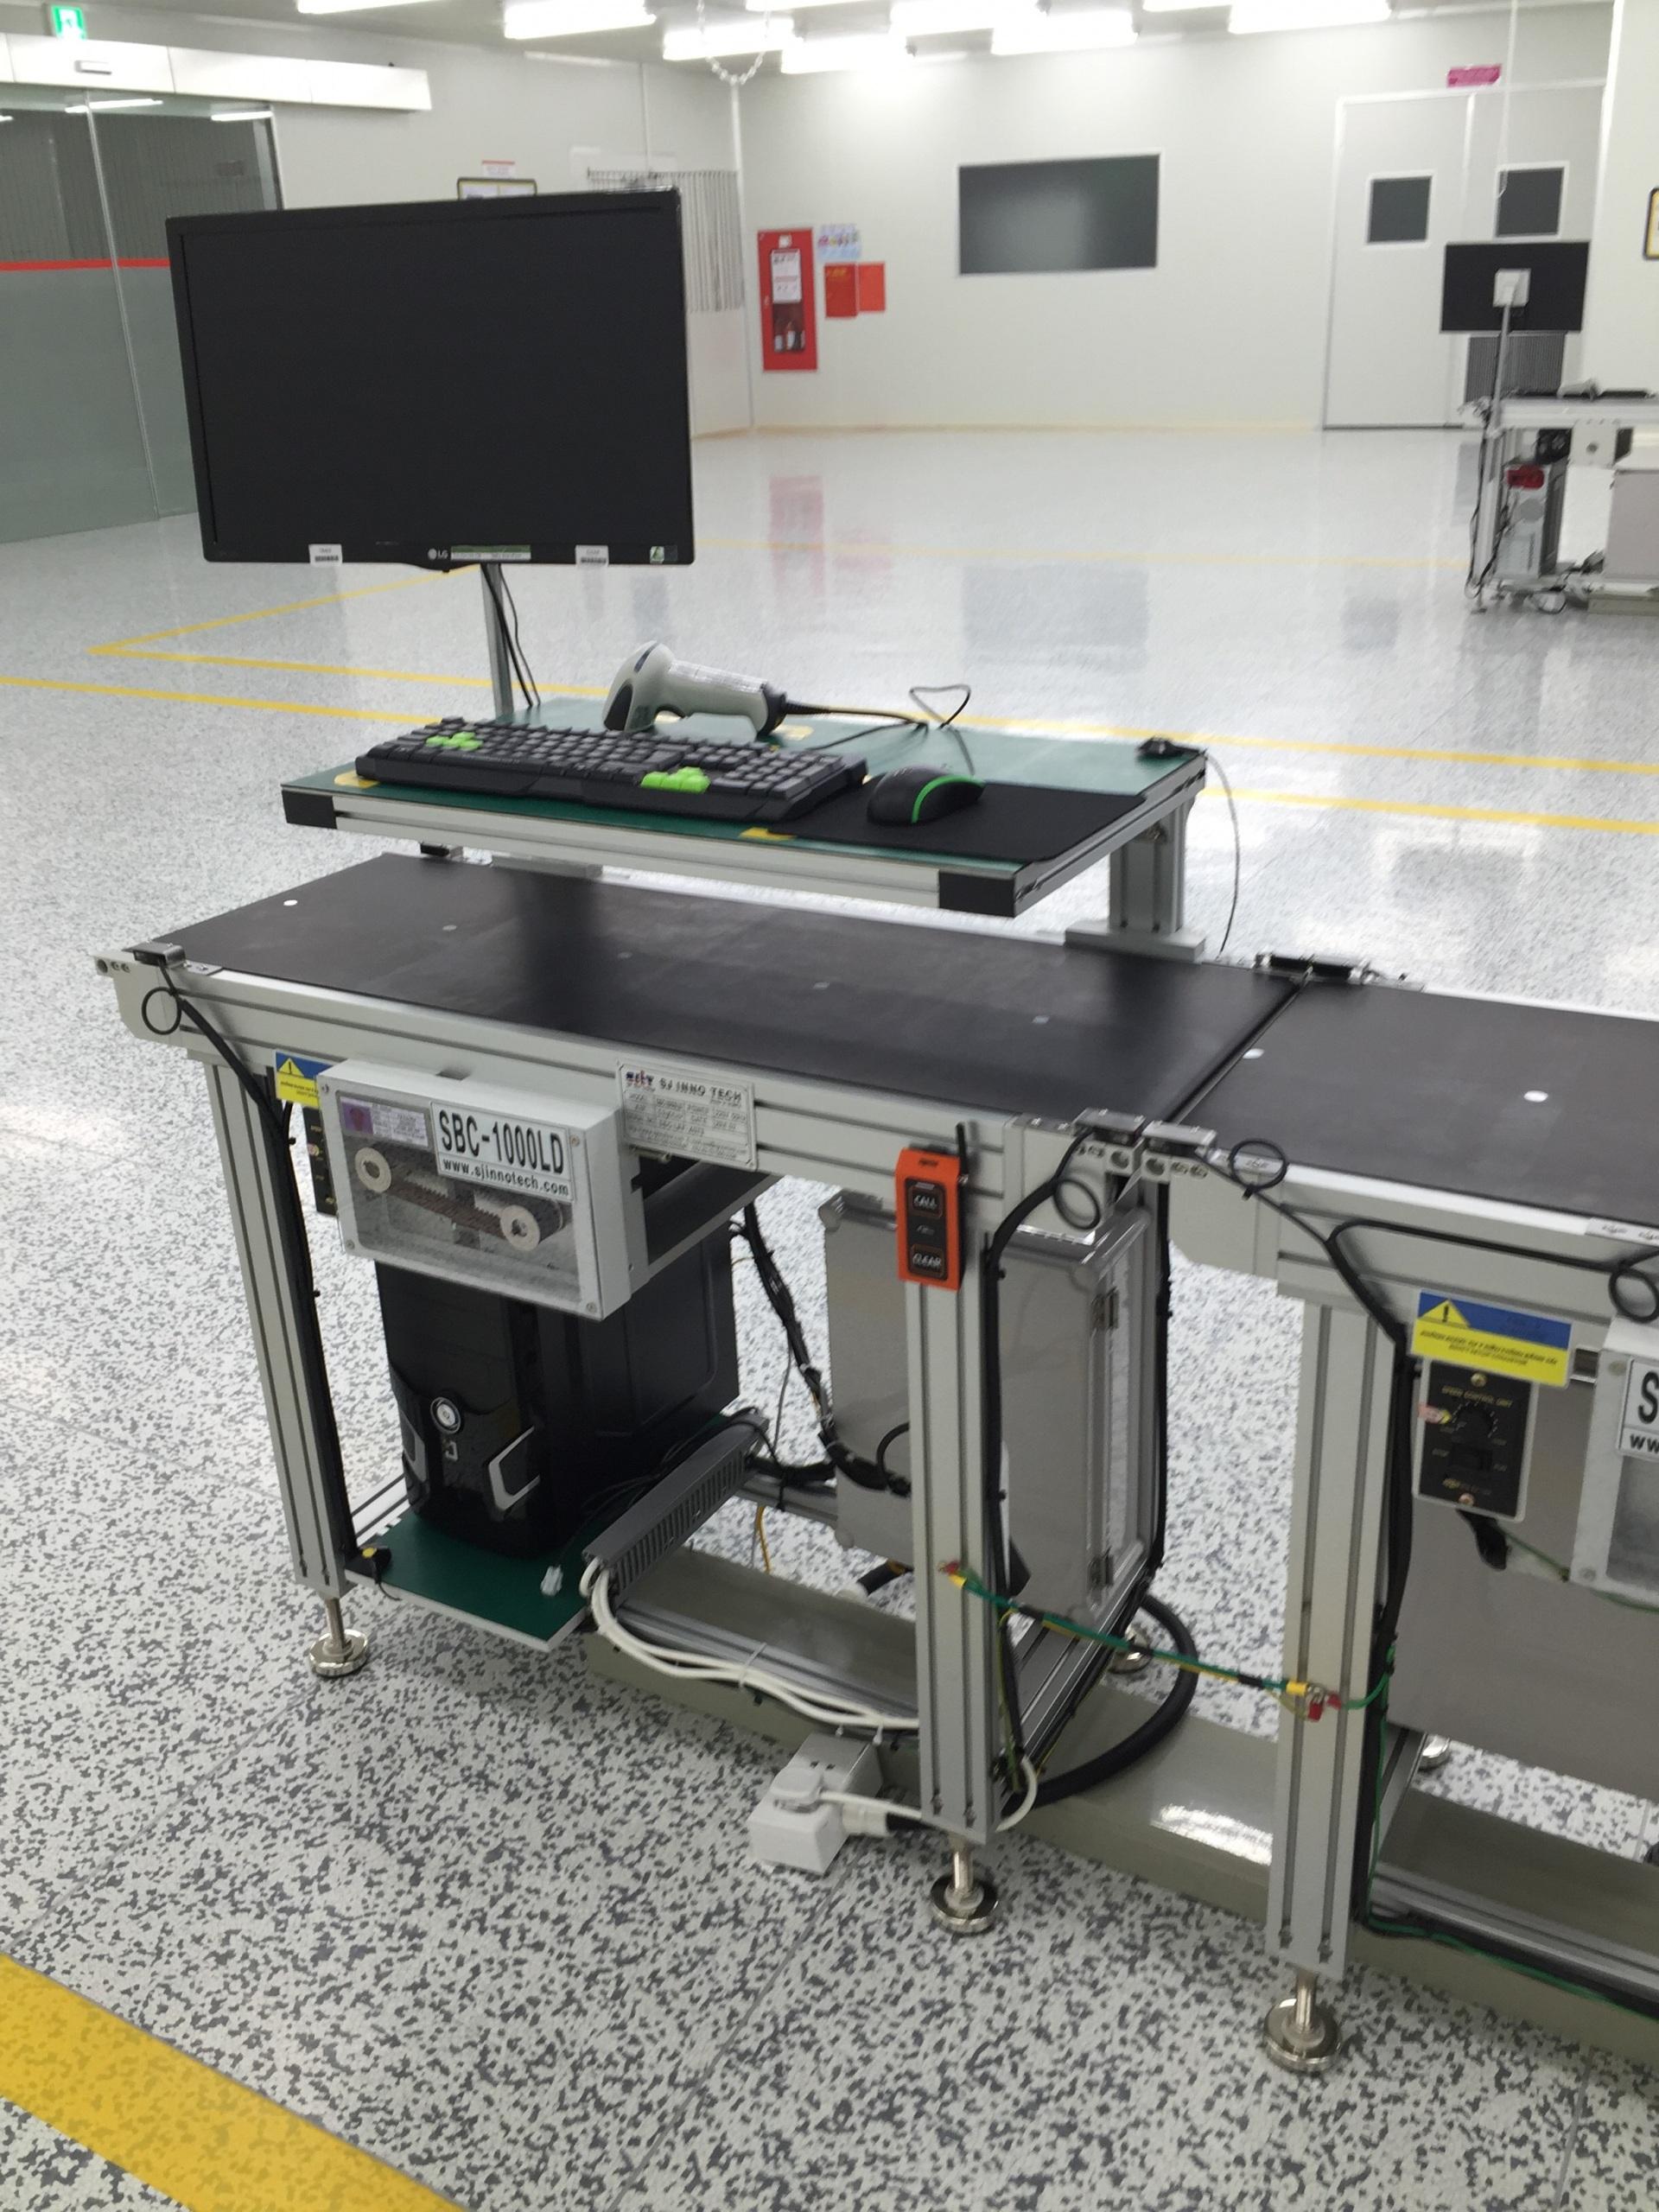 Dự án lắp đặt nút chuông gọi nhà máy ST-500 cho Công ty điện tử Meiko Việt Nam